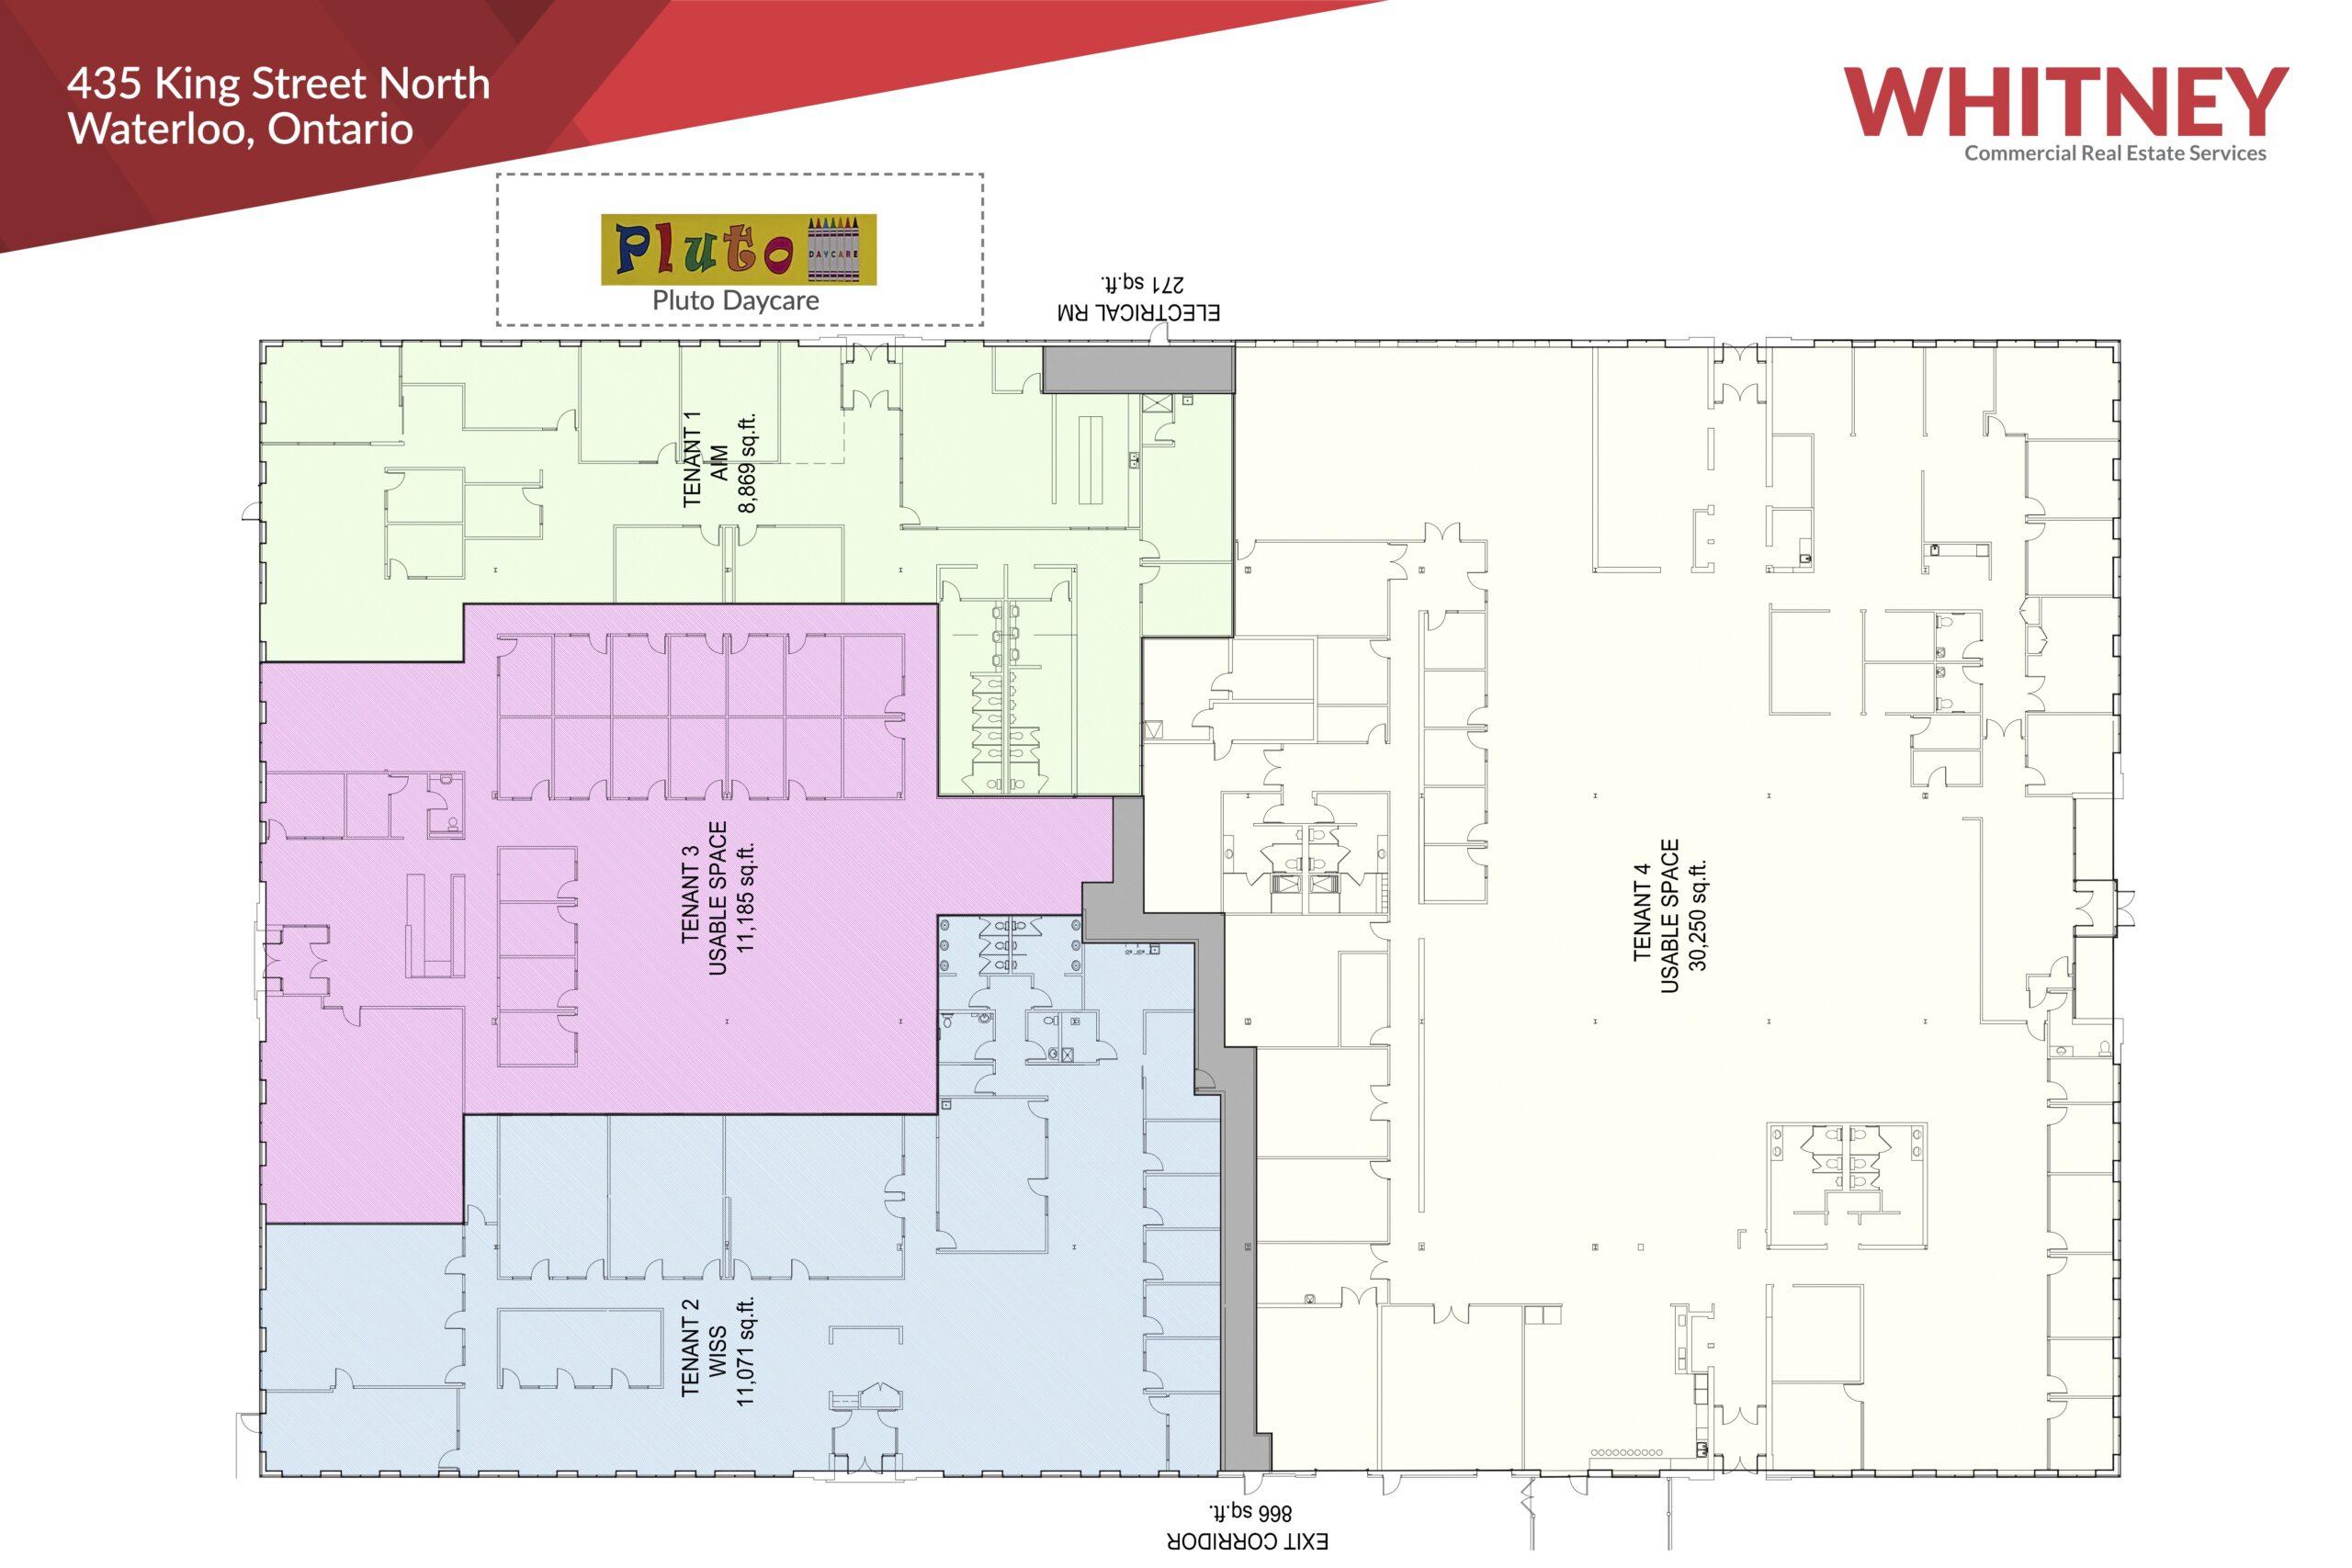 435 King St N. Floor Plan